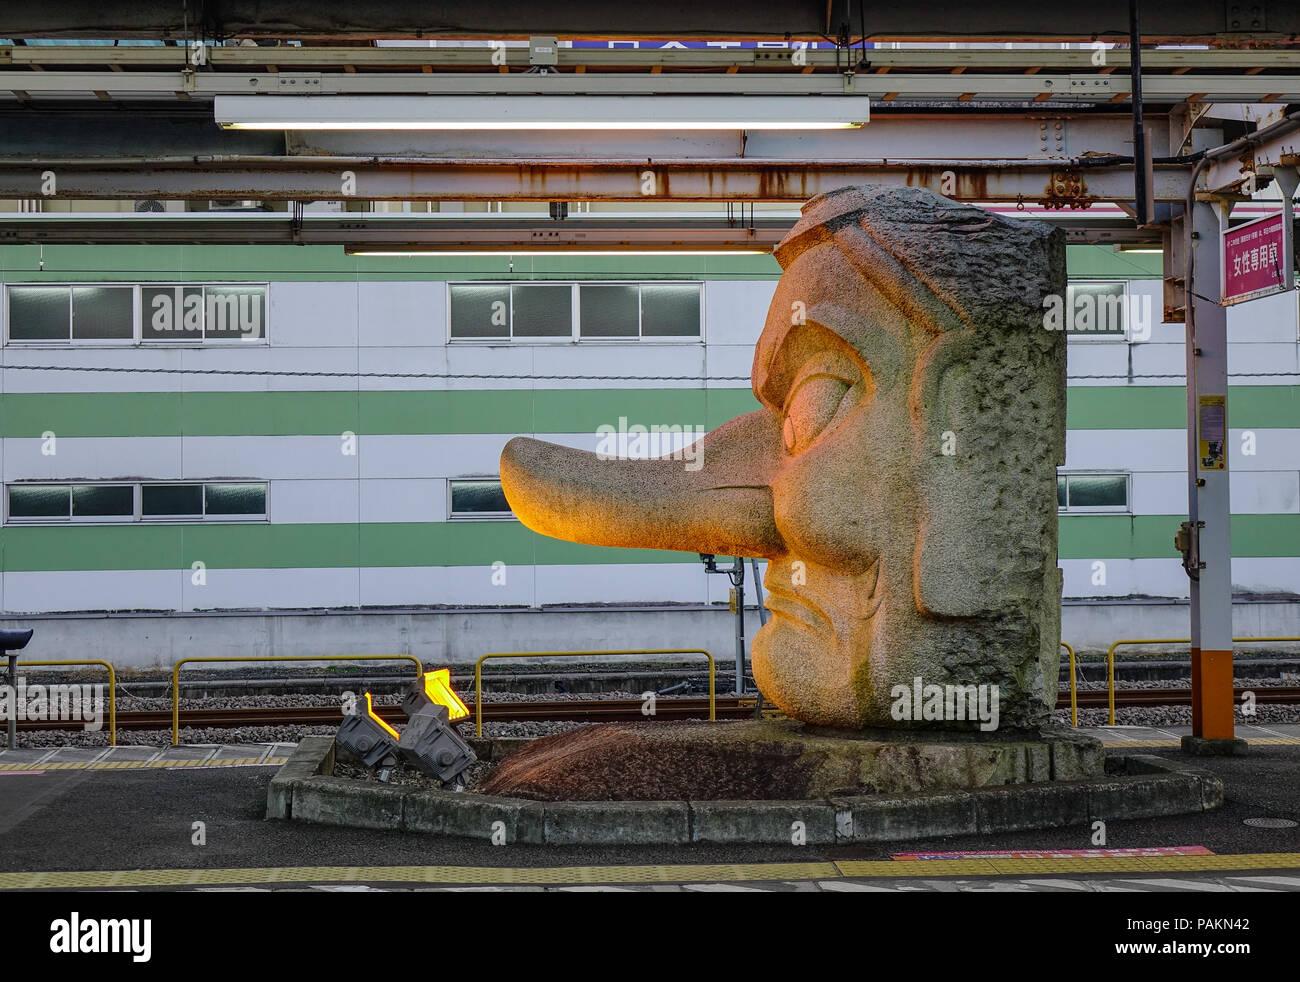 Nagoya, Japan - Dec 3, 2016. A God statue at platform of railway station in Nagoya, Japan. - Stock Image